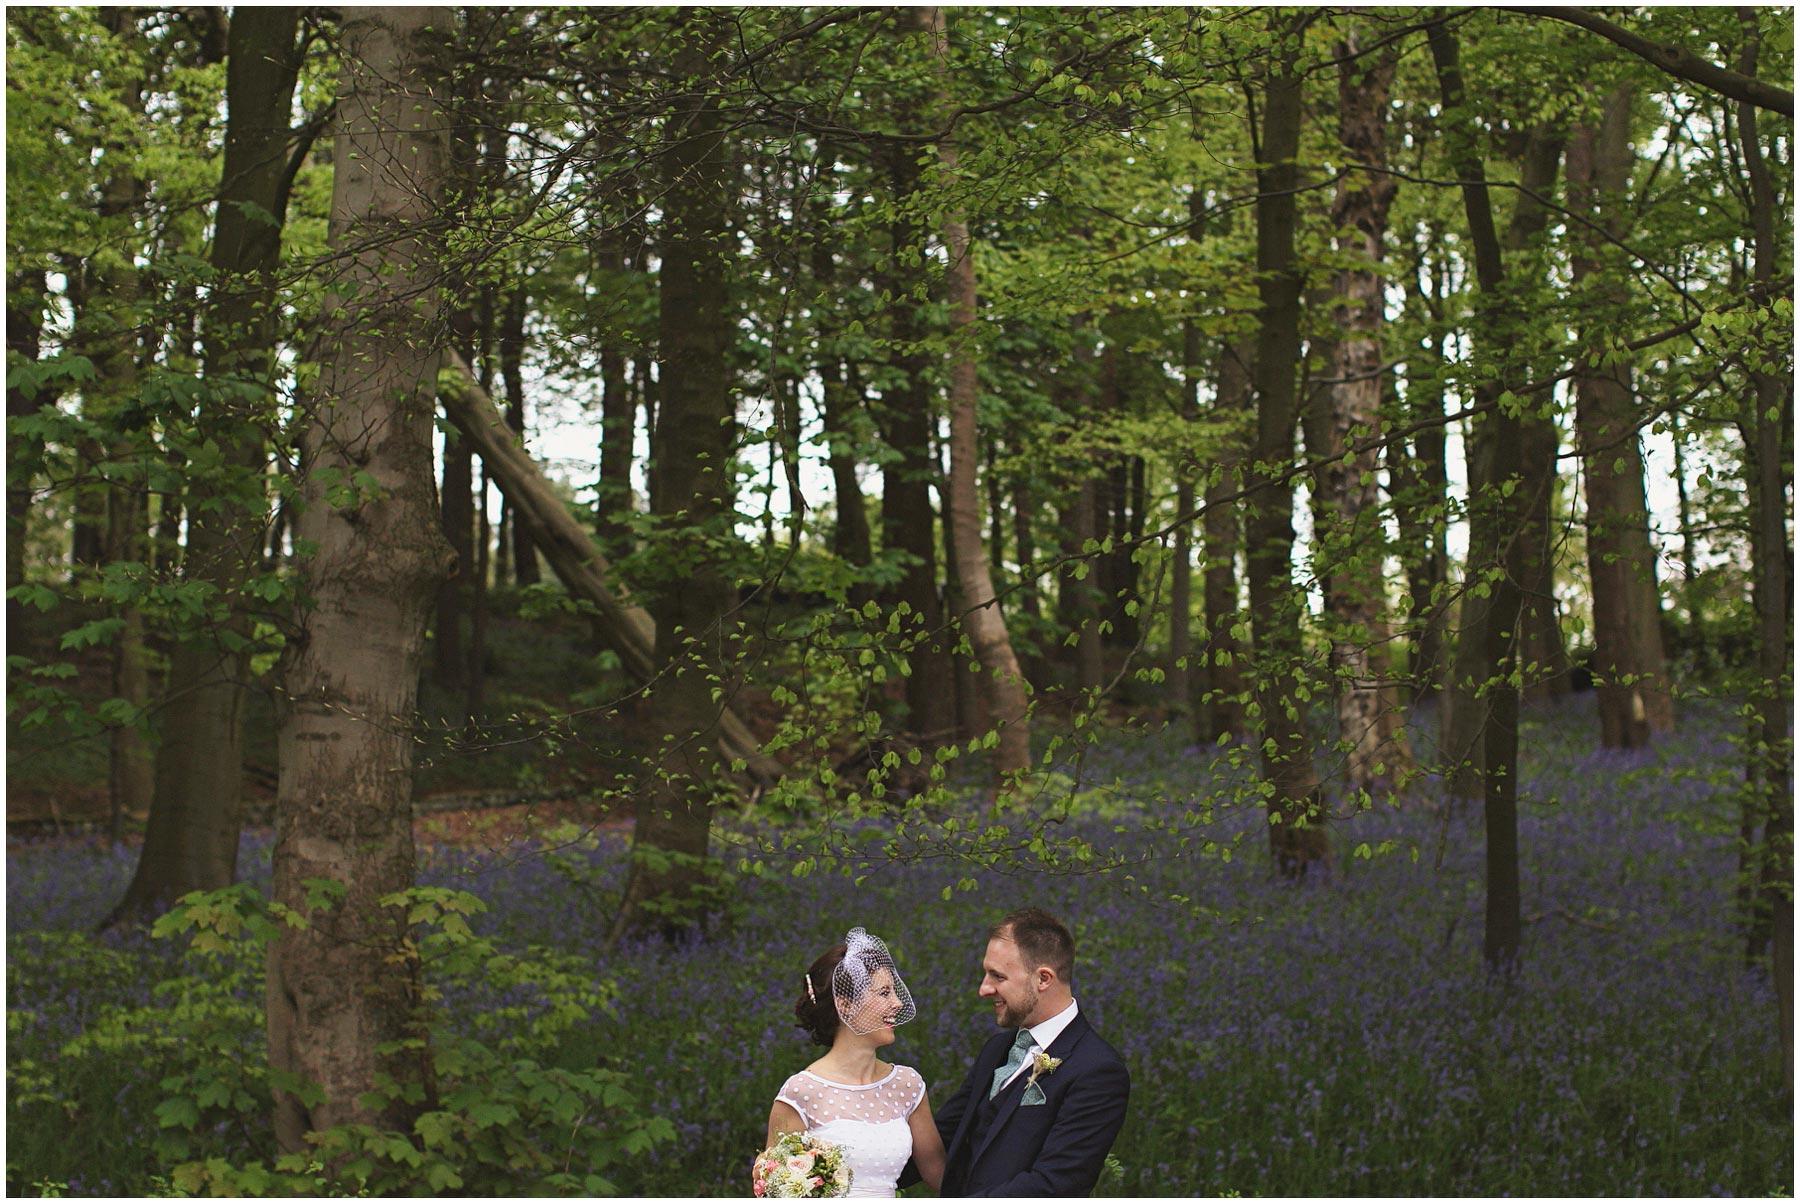 the-spiced-pear-wedding-photographer_0058